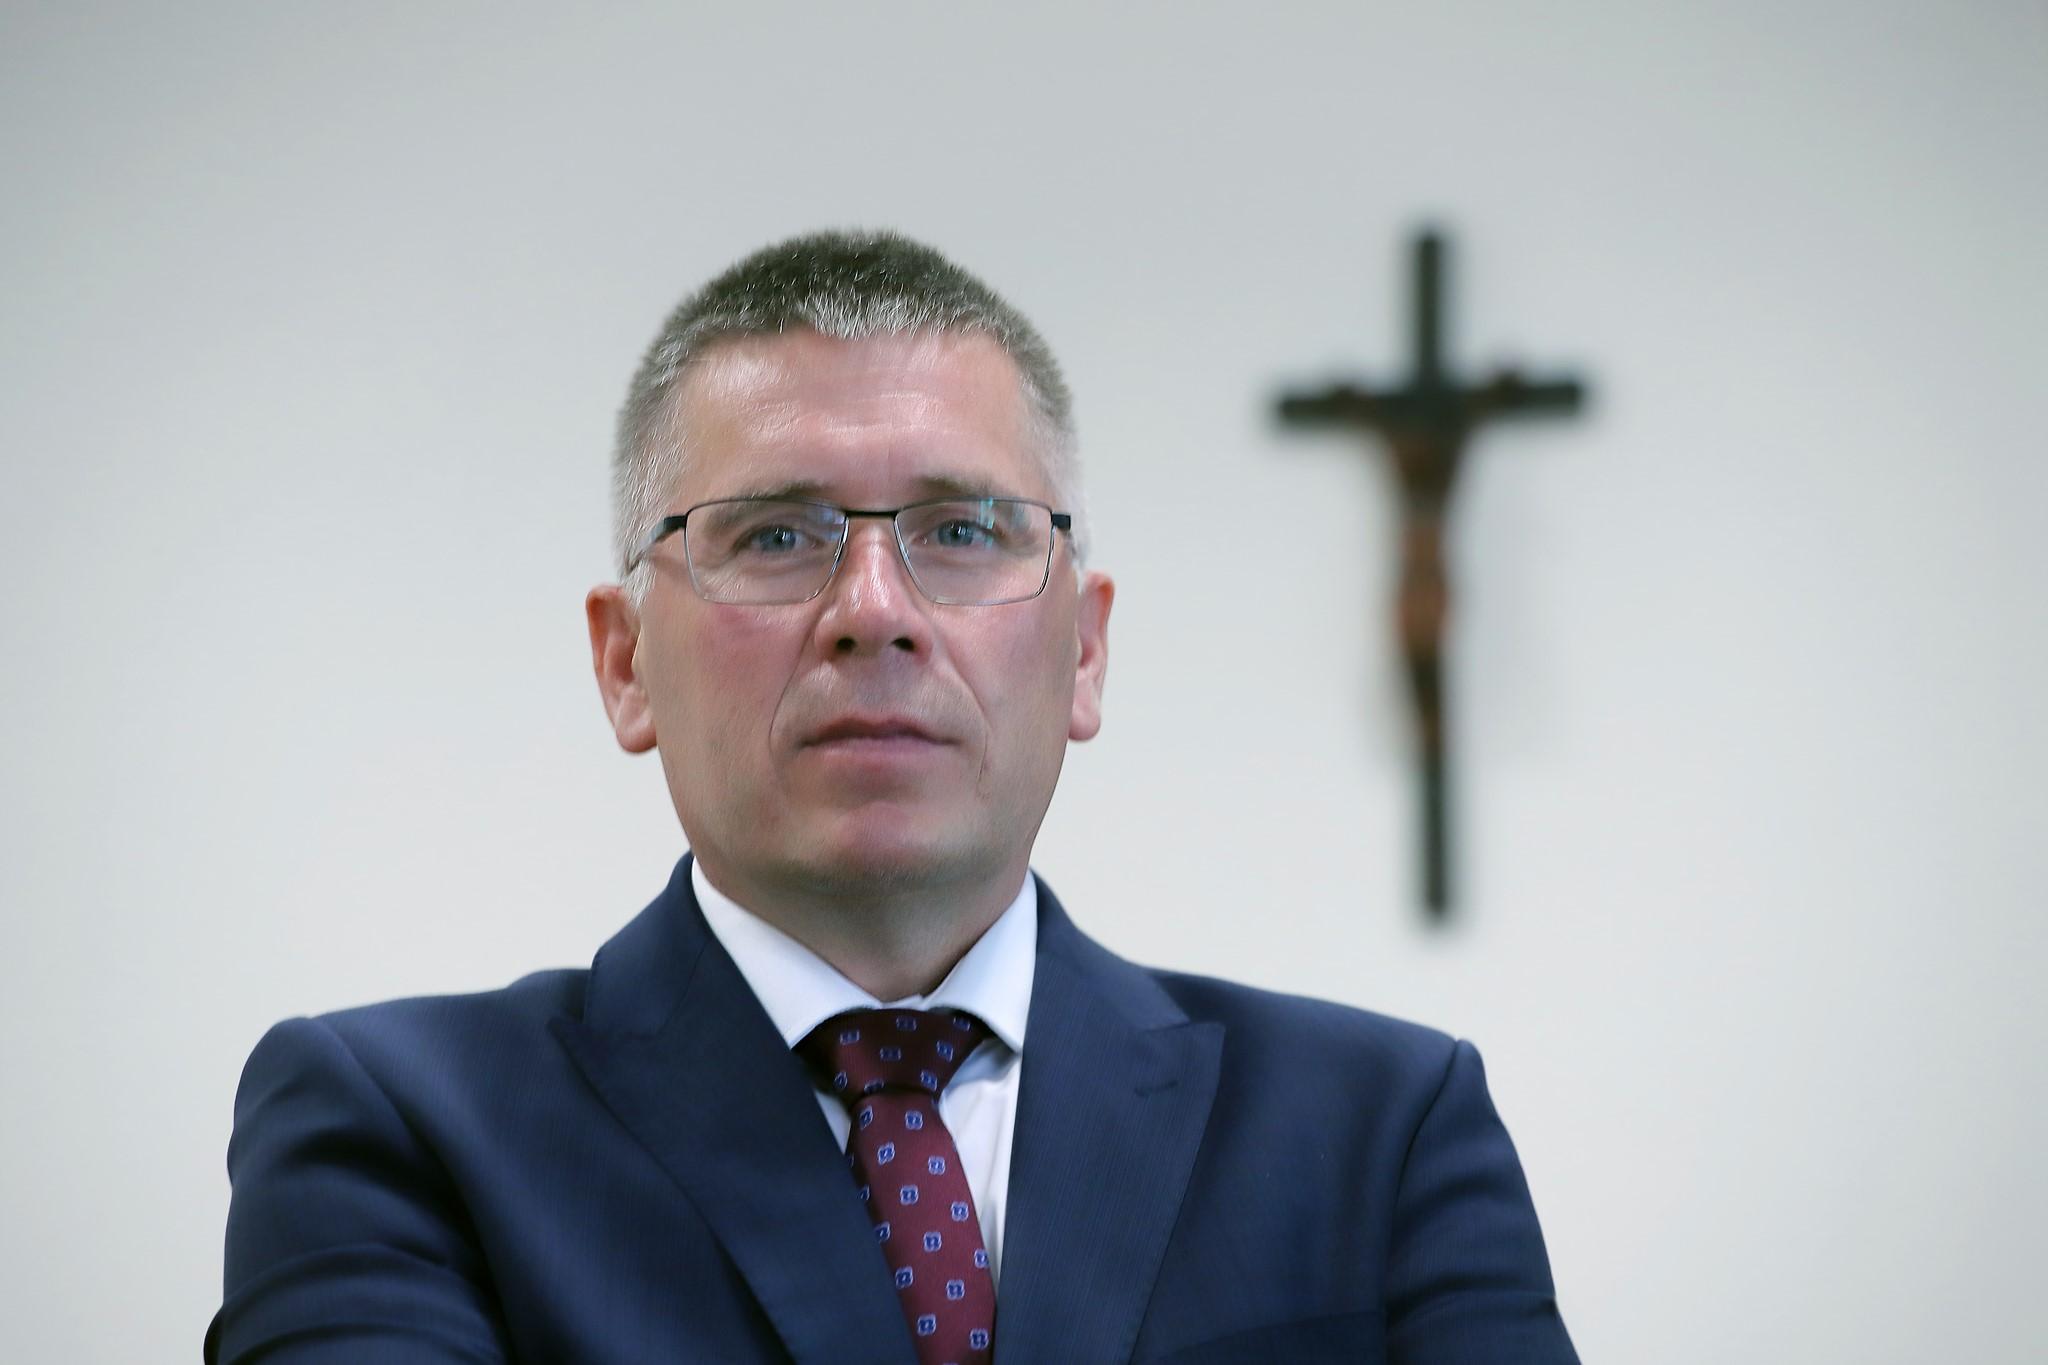 Nowe wybory. Była Piątka Kaczyńskiego, będzie Piątka Szykulskiego? - Zdjęcie główne